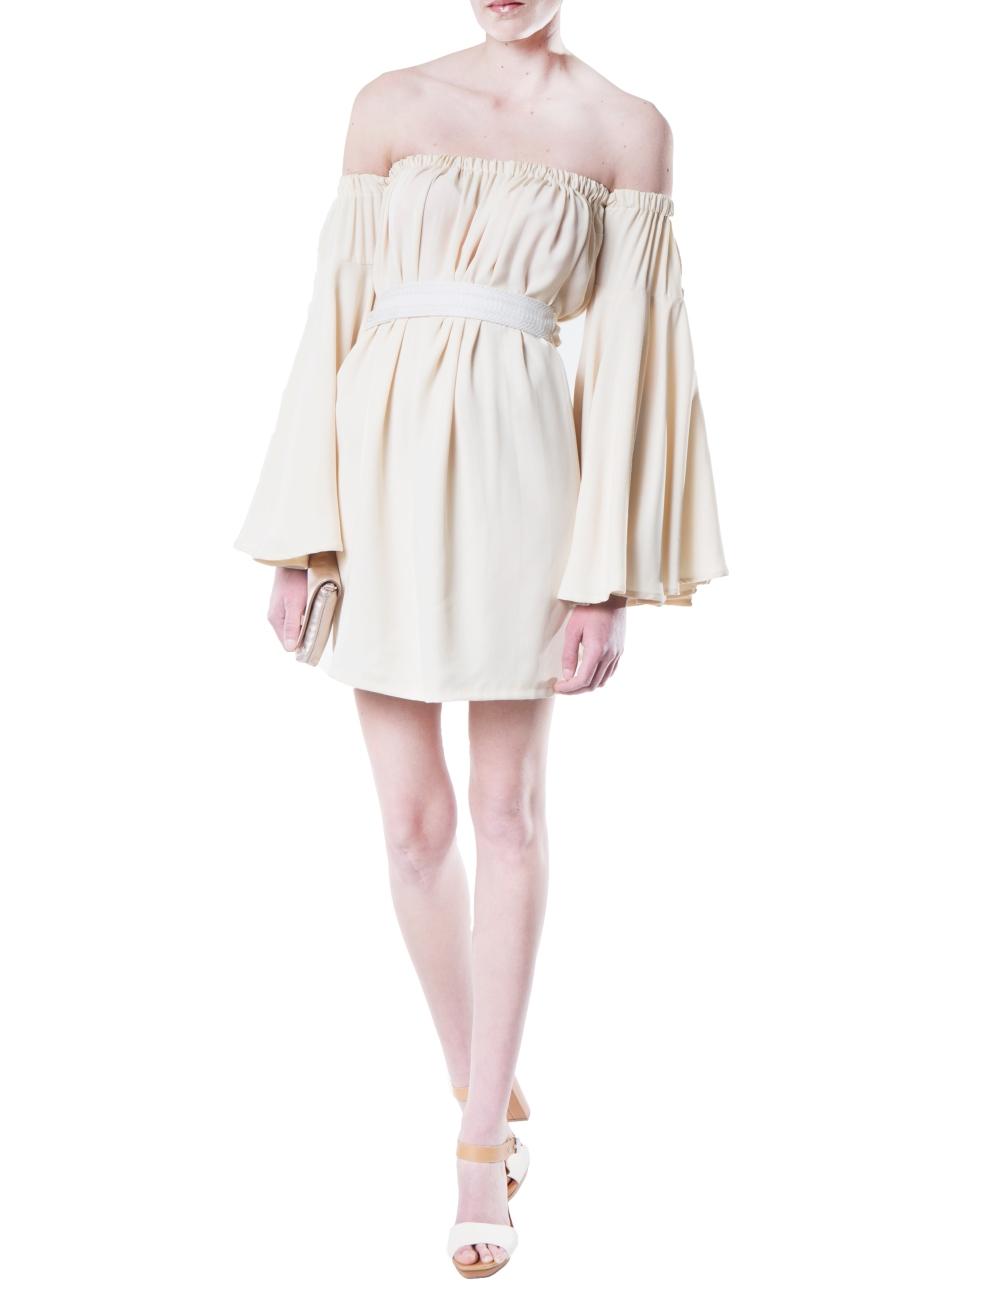 ANSP16105 Front Alyssa Nicole Elle Dress Creme